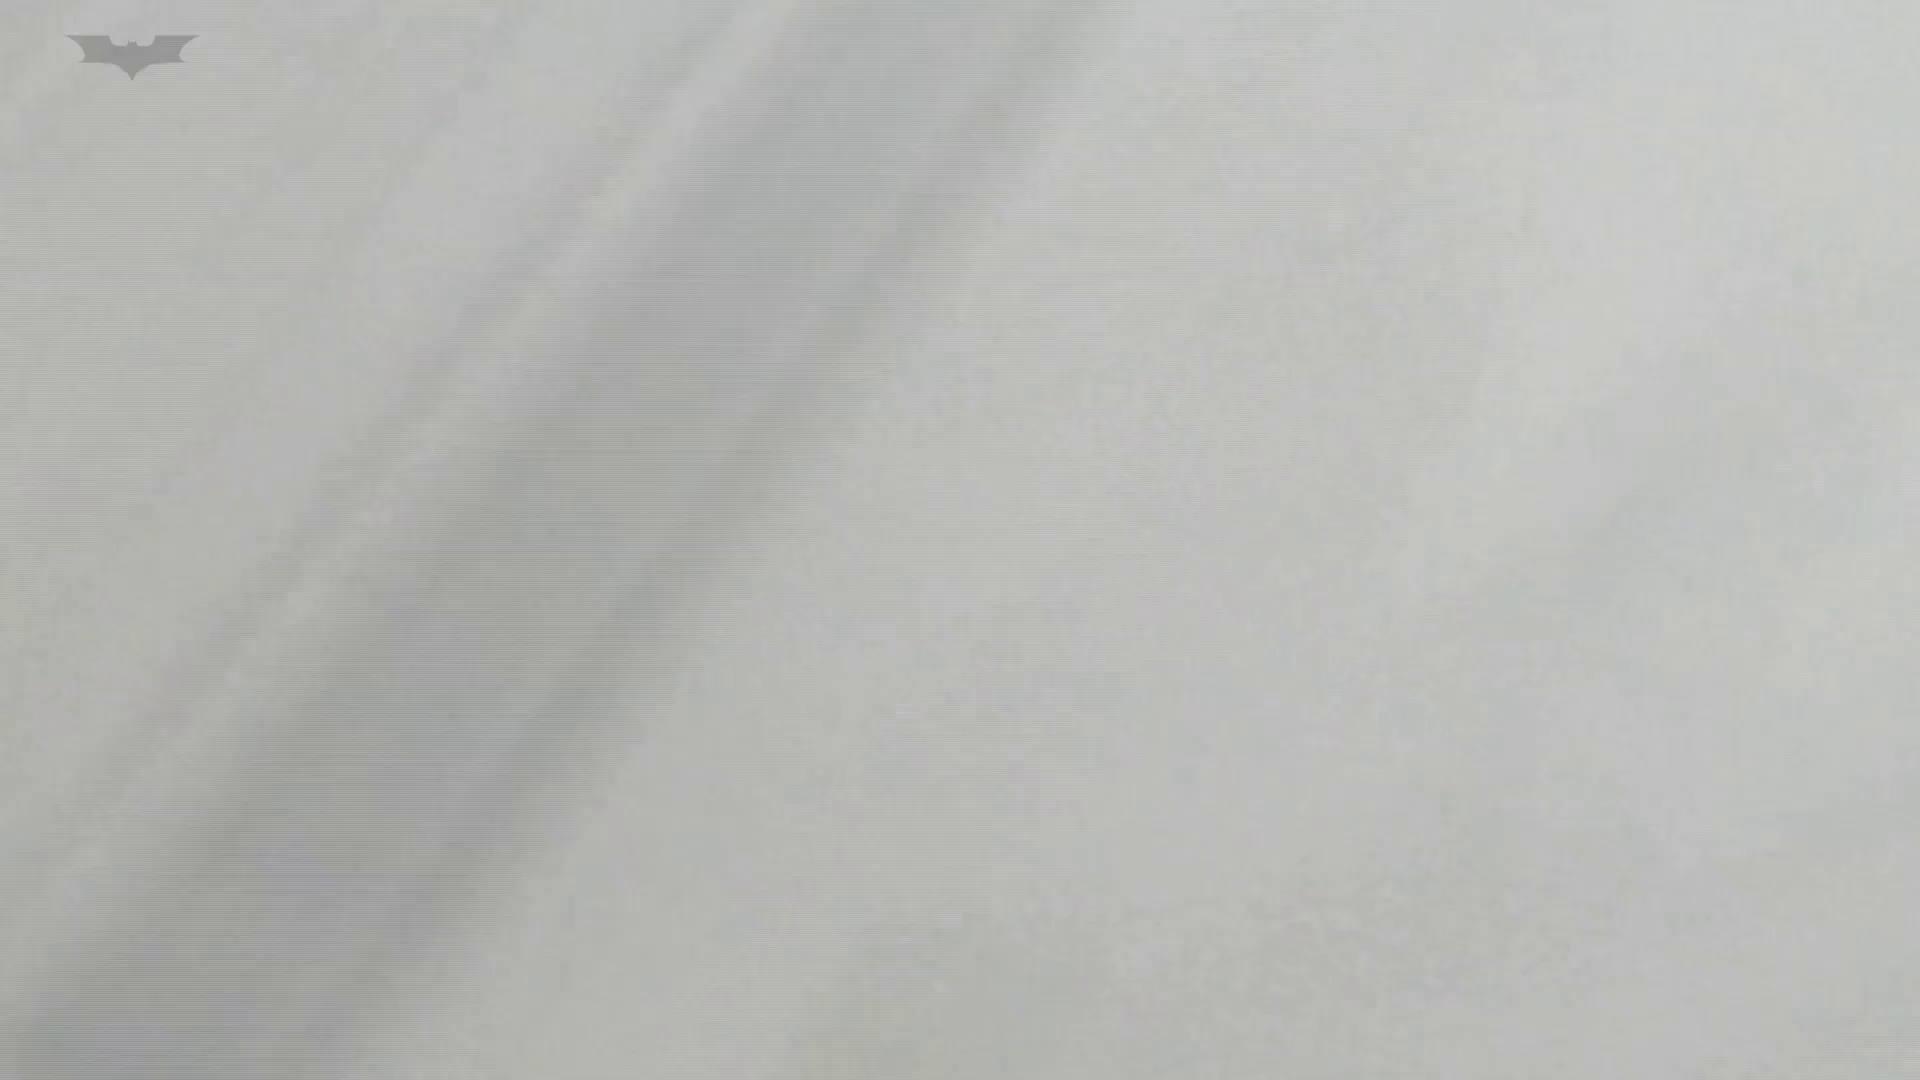 美しい日本の未来 No.29 豹柄サンダルは便秘気味??? おまんこ無修正 盗み撮りAV無料動画キャプチャ 57pic 35